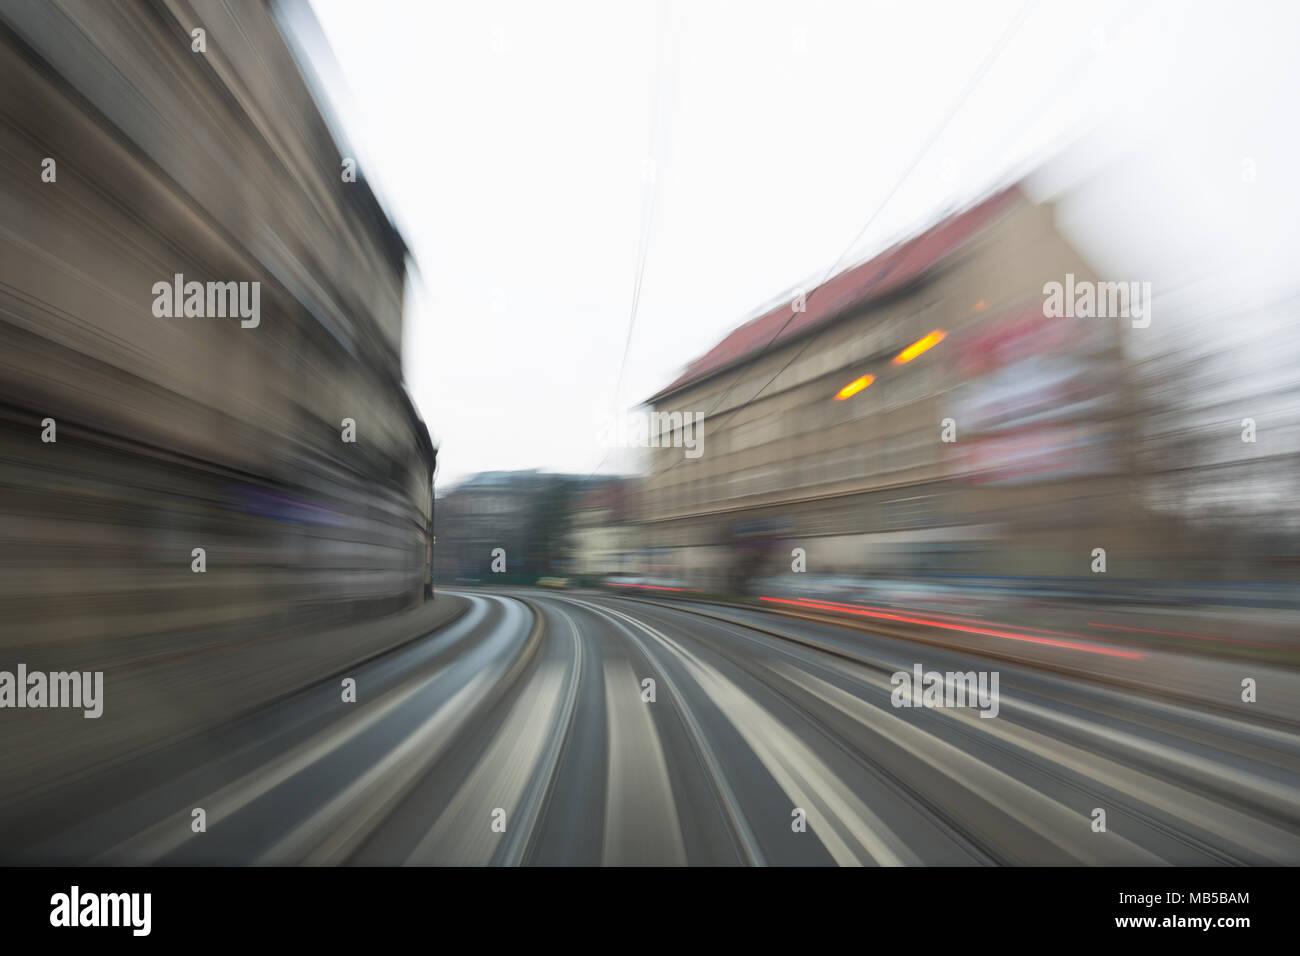 Photo d'un flou de mouvement de la rue un tramway donnant une sensation de vitesse et de mouvement Photo Stock